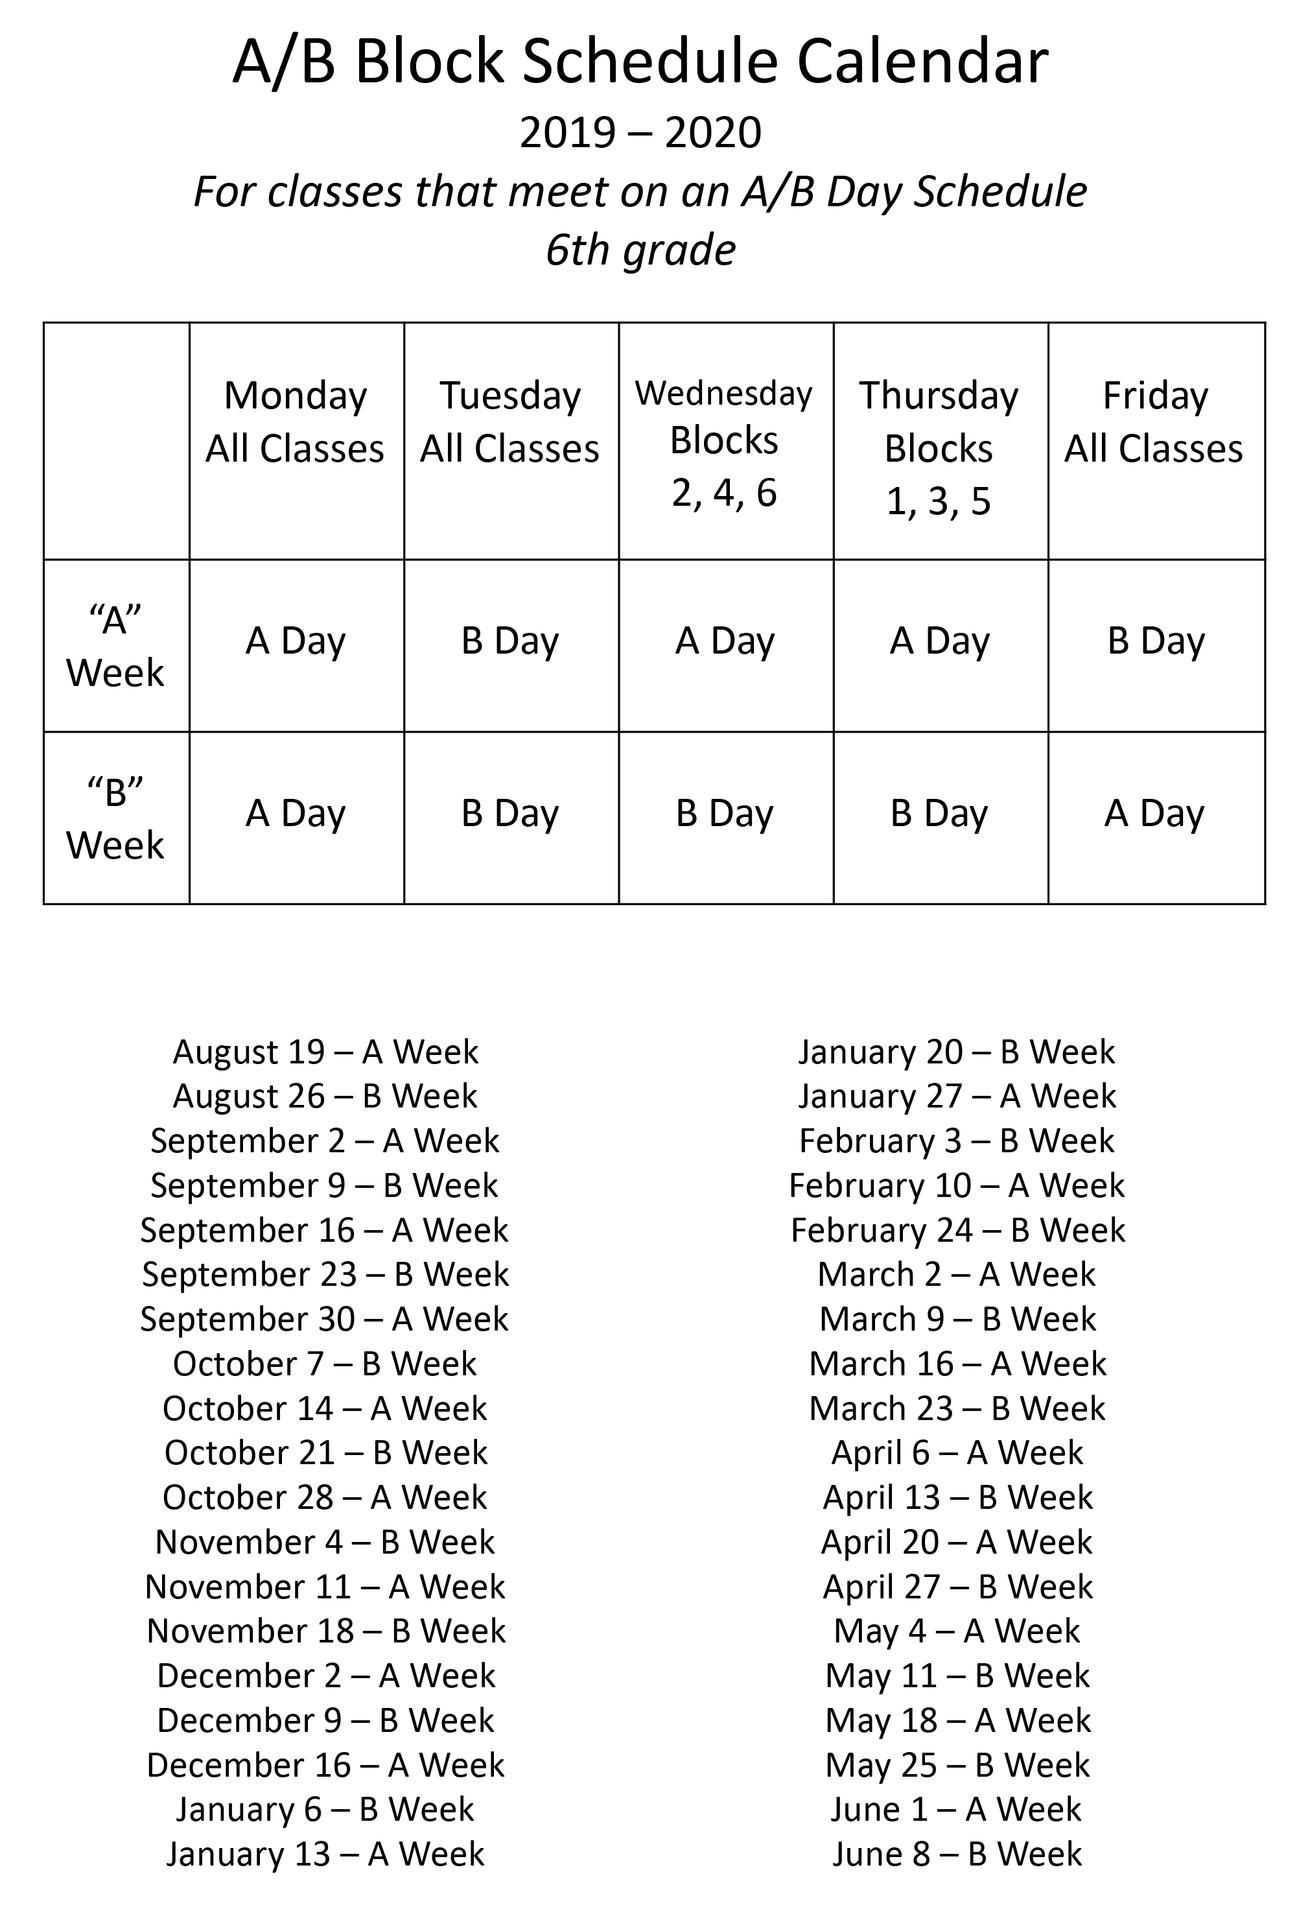 A_B Schedule 2019_2020